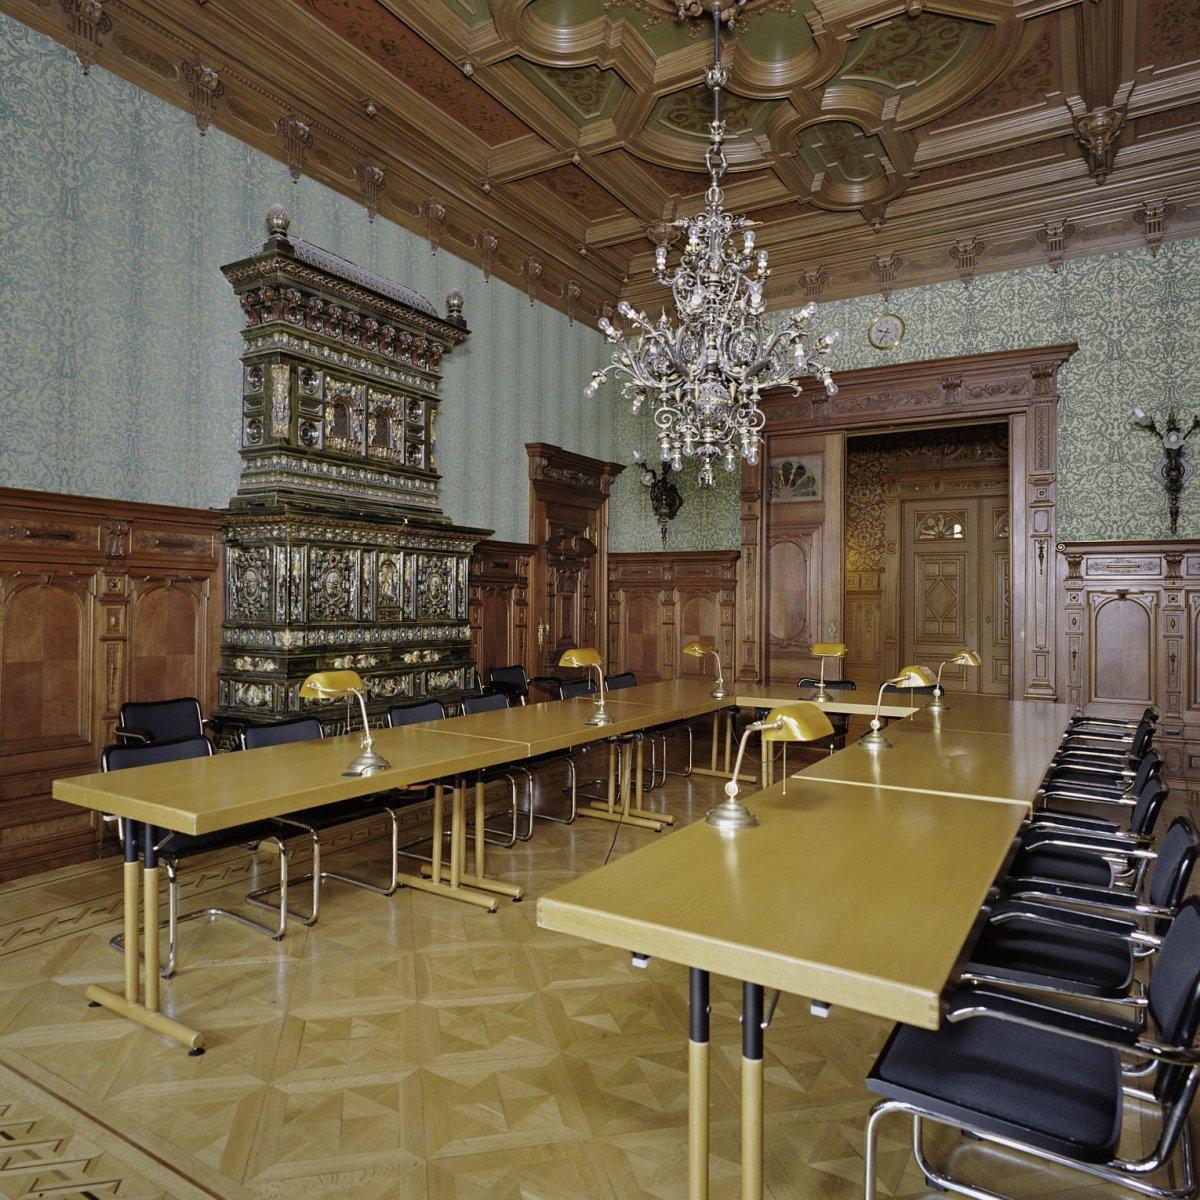 File interieur studiezaal gebouwd tussen huis en koetshuis amsterdam 20408968 - Huis exterieur ...